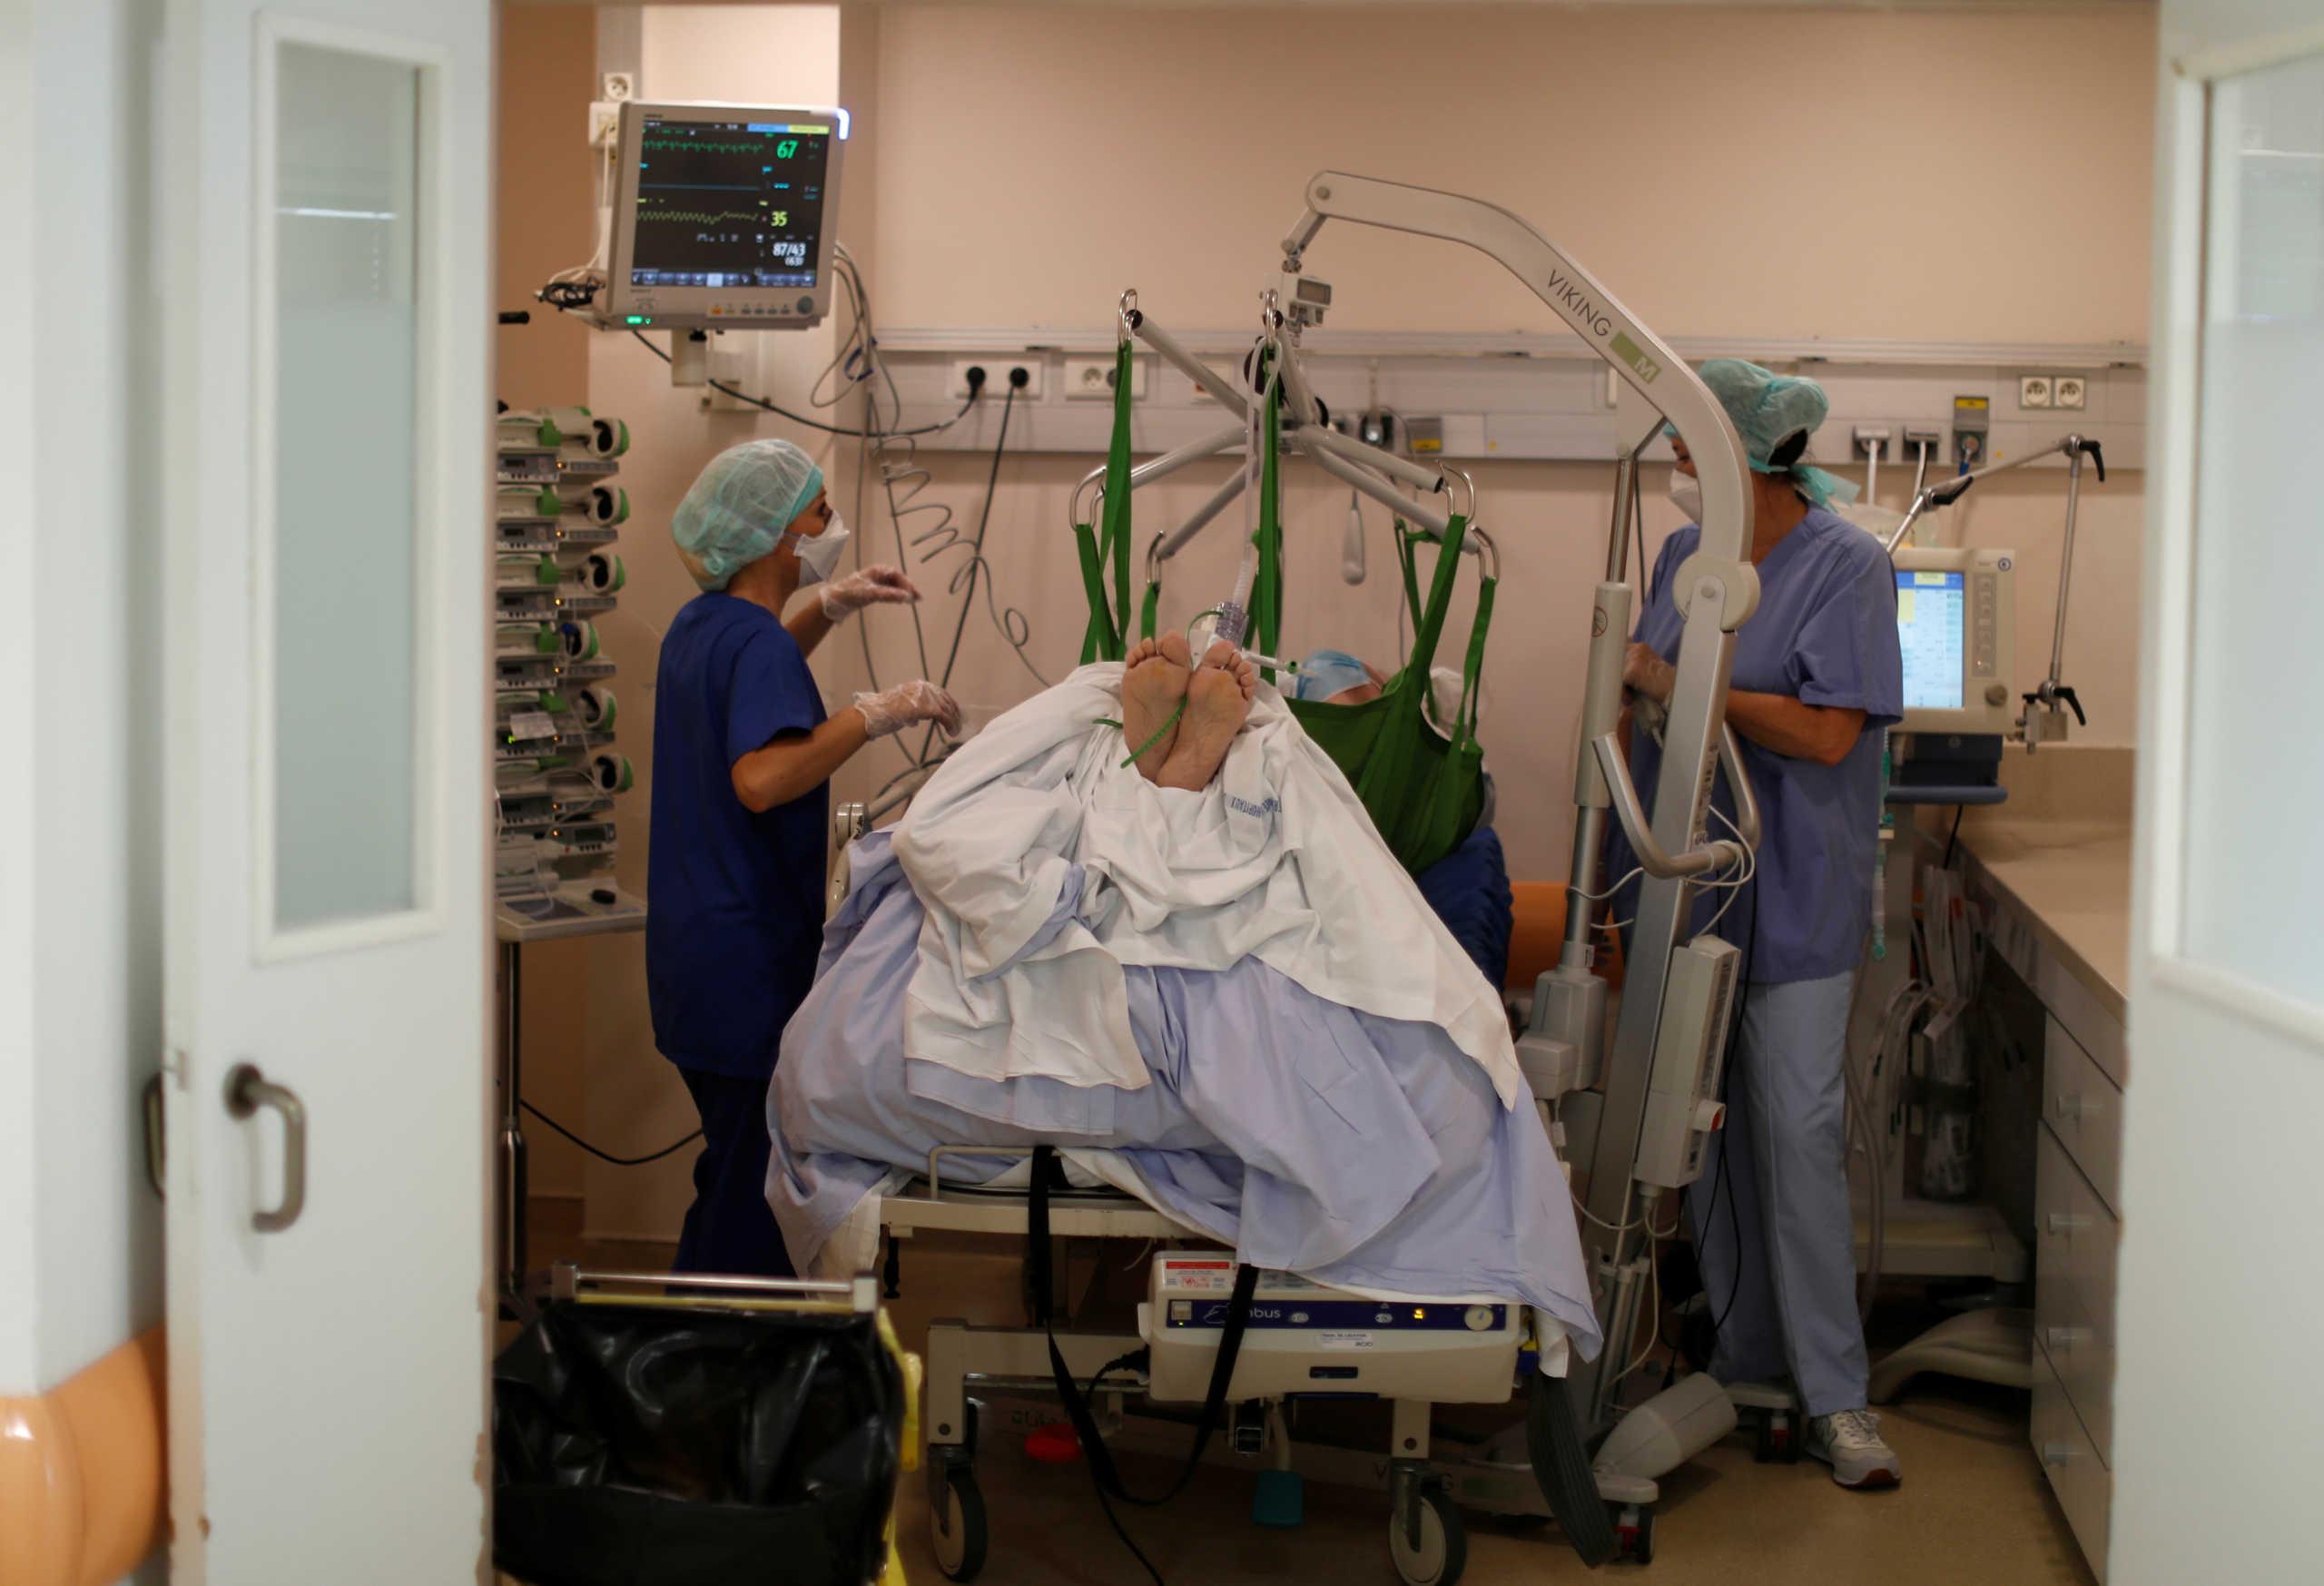 Κορονοϊός: Κατάσταση πολέμου στην Πορτογαλία – Εξαντλούνται τα κρεβάτια σε δημόσια και ιδιωτικά νοσοκομεία